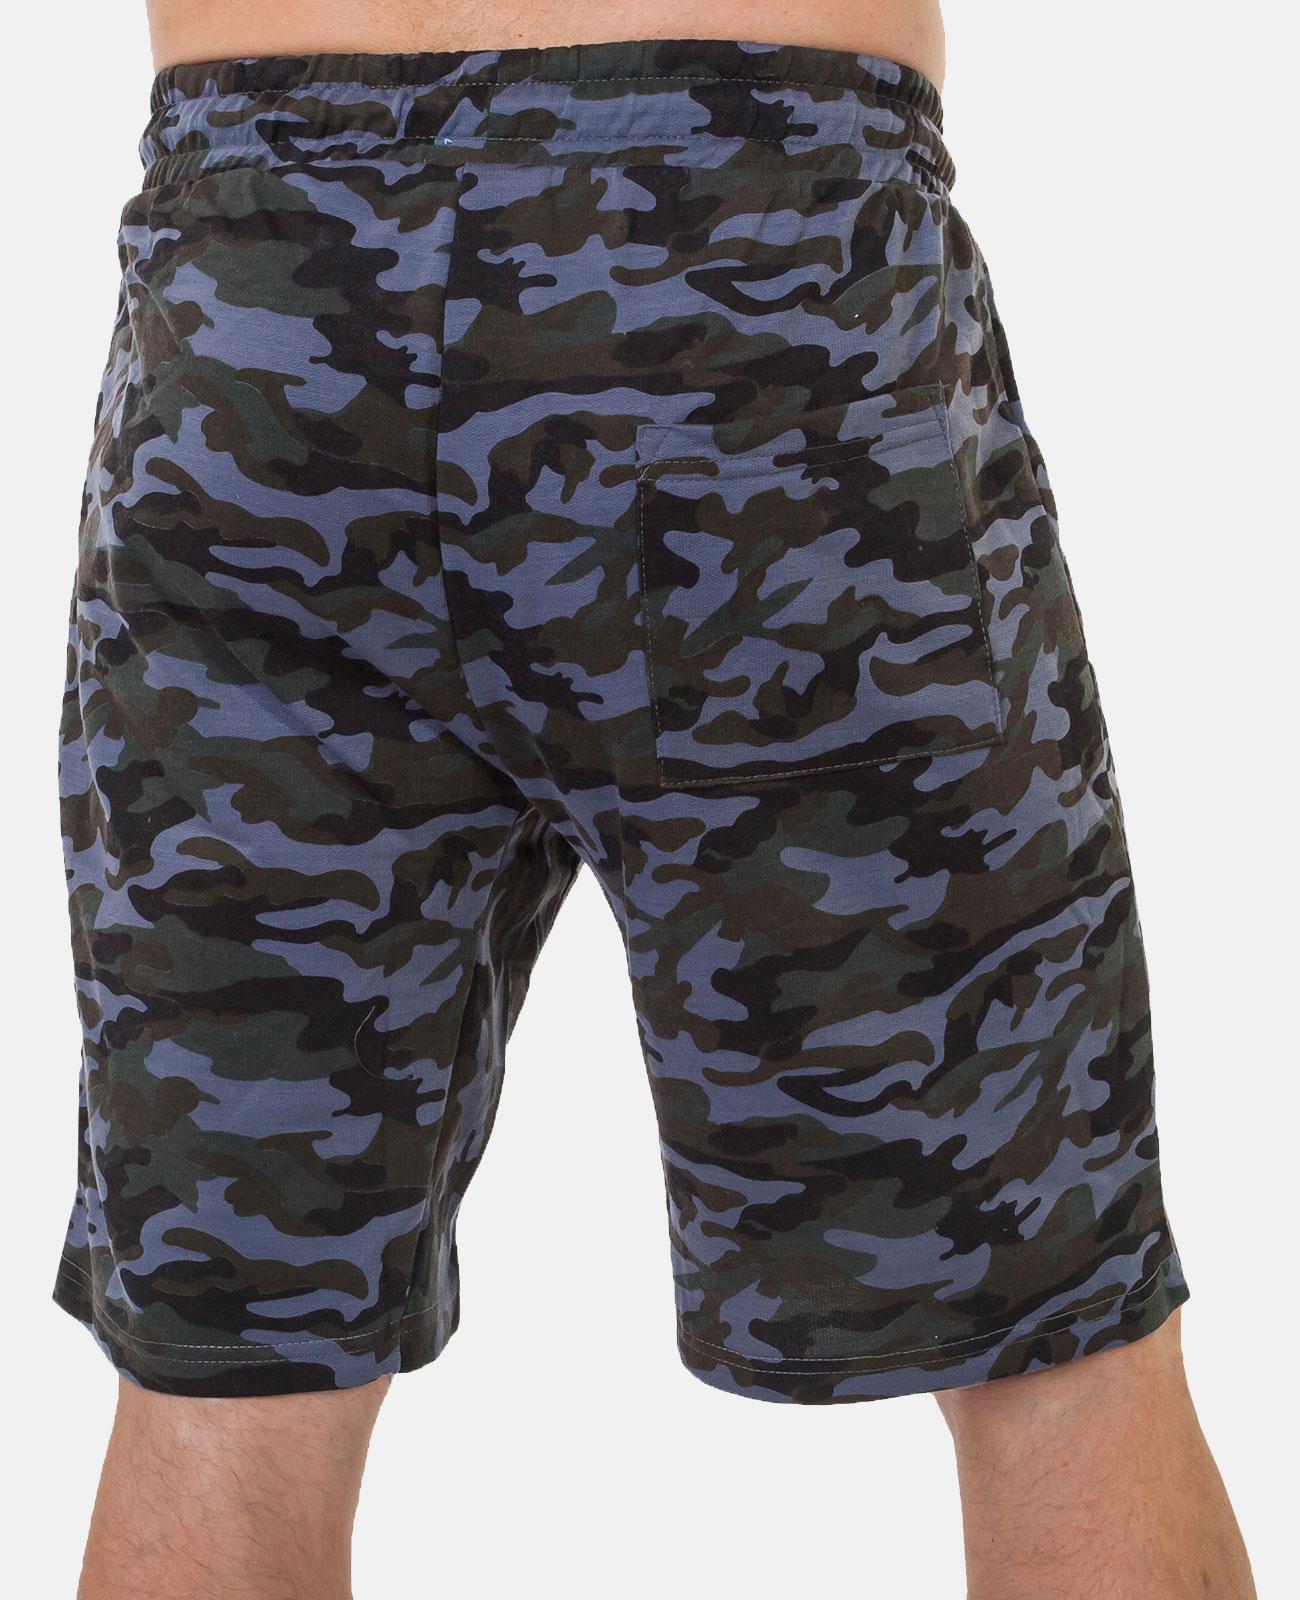 Камуфляжные мужские шорты с нашивкой ПОЛИЦИЯ - купить в подарок